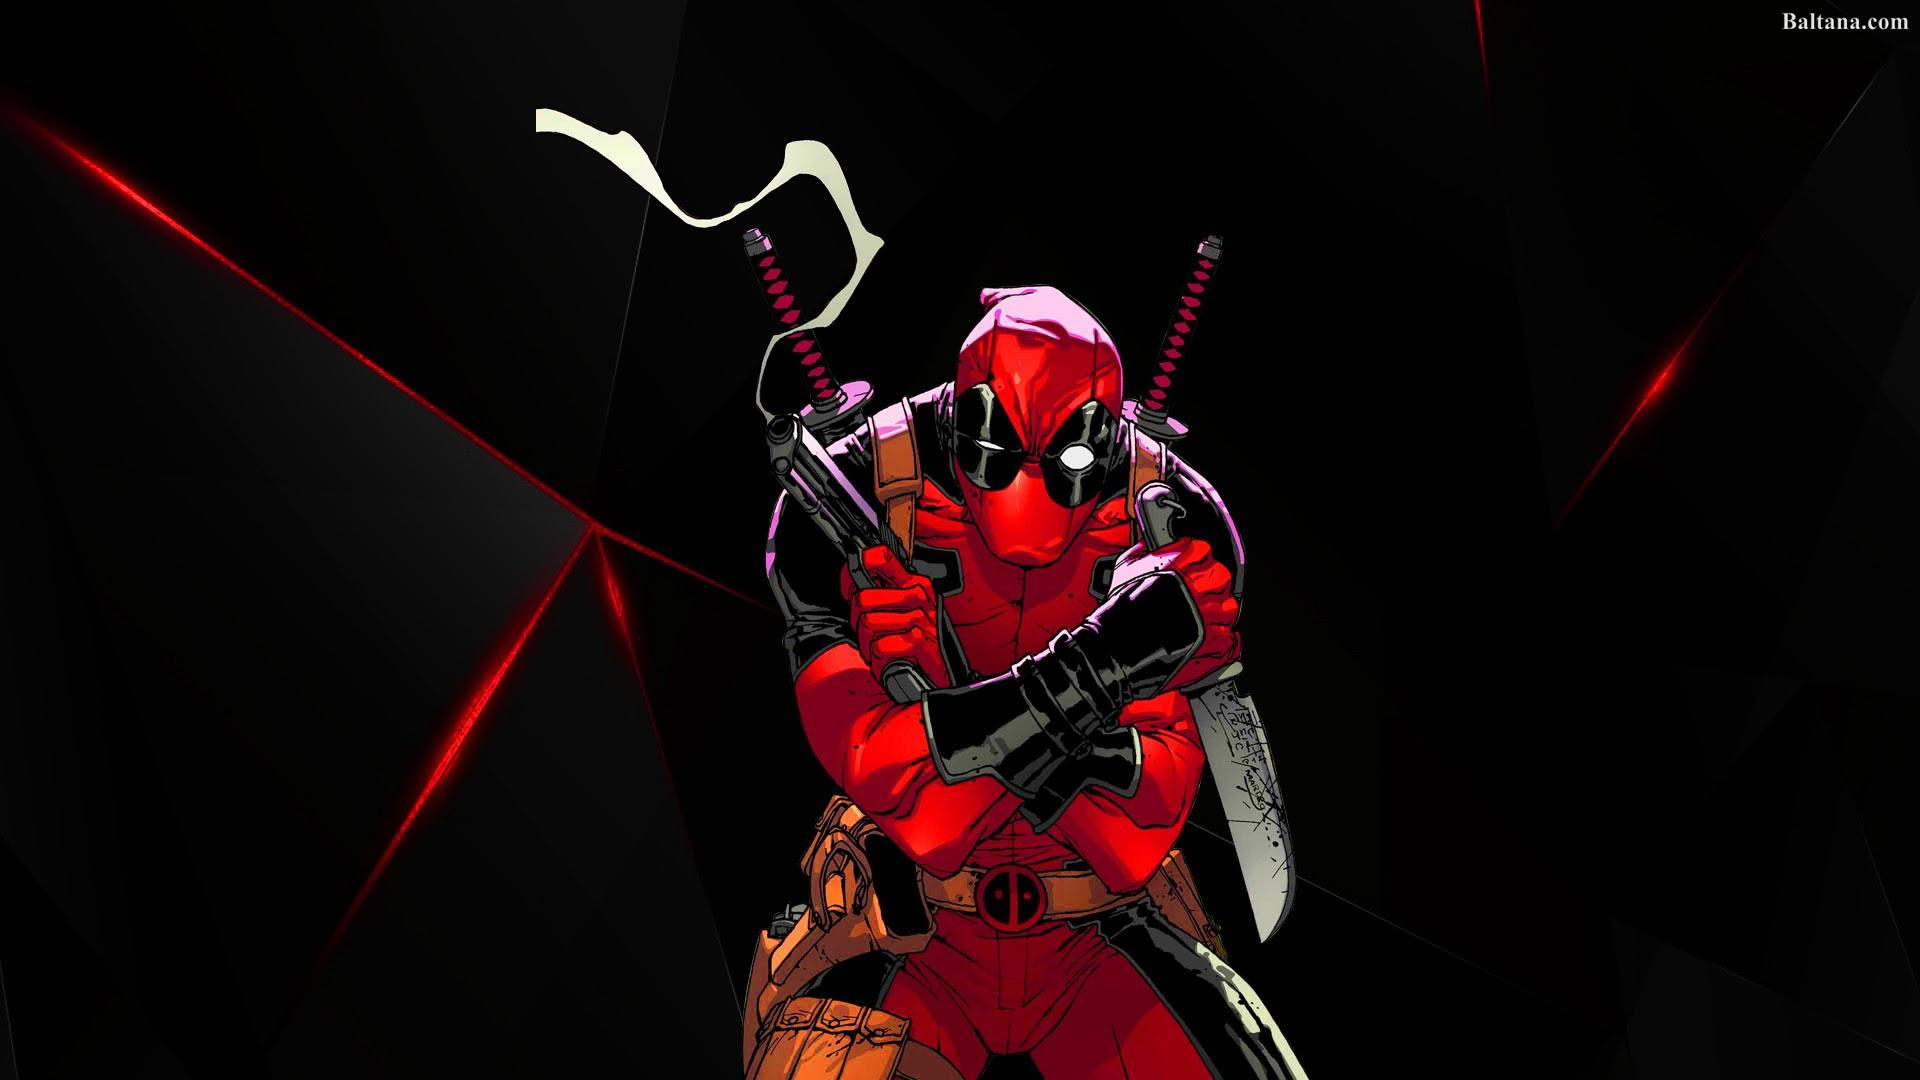 Unduh 580+ Wallpaper Hd Deadpool HD Paling Keren